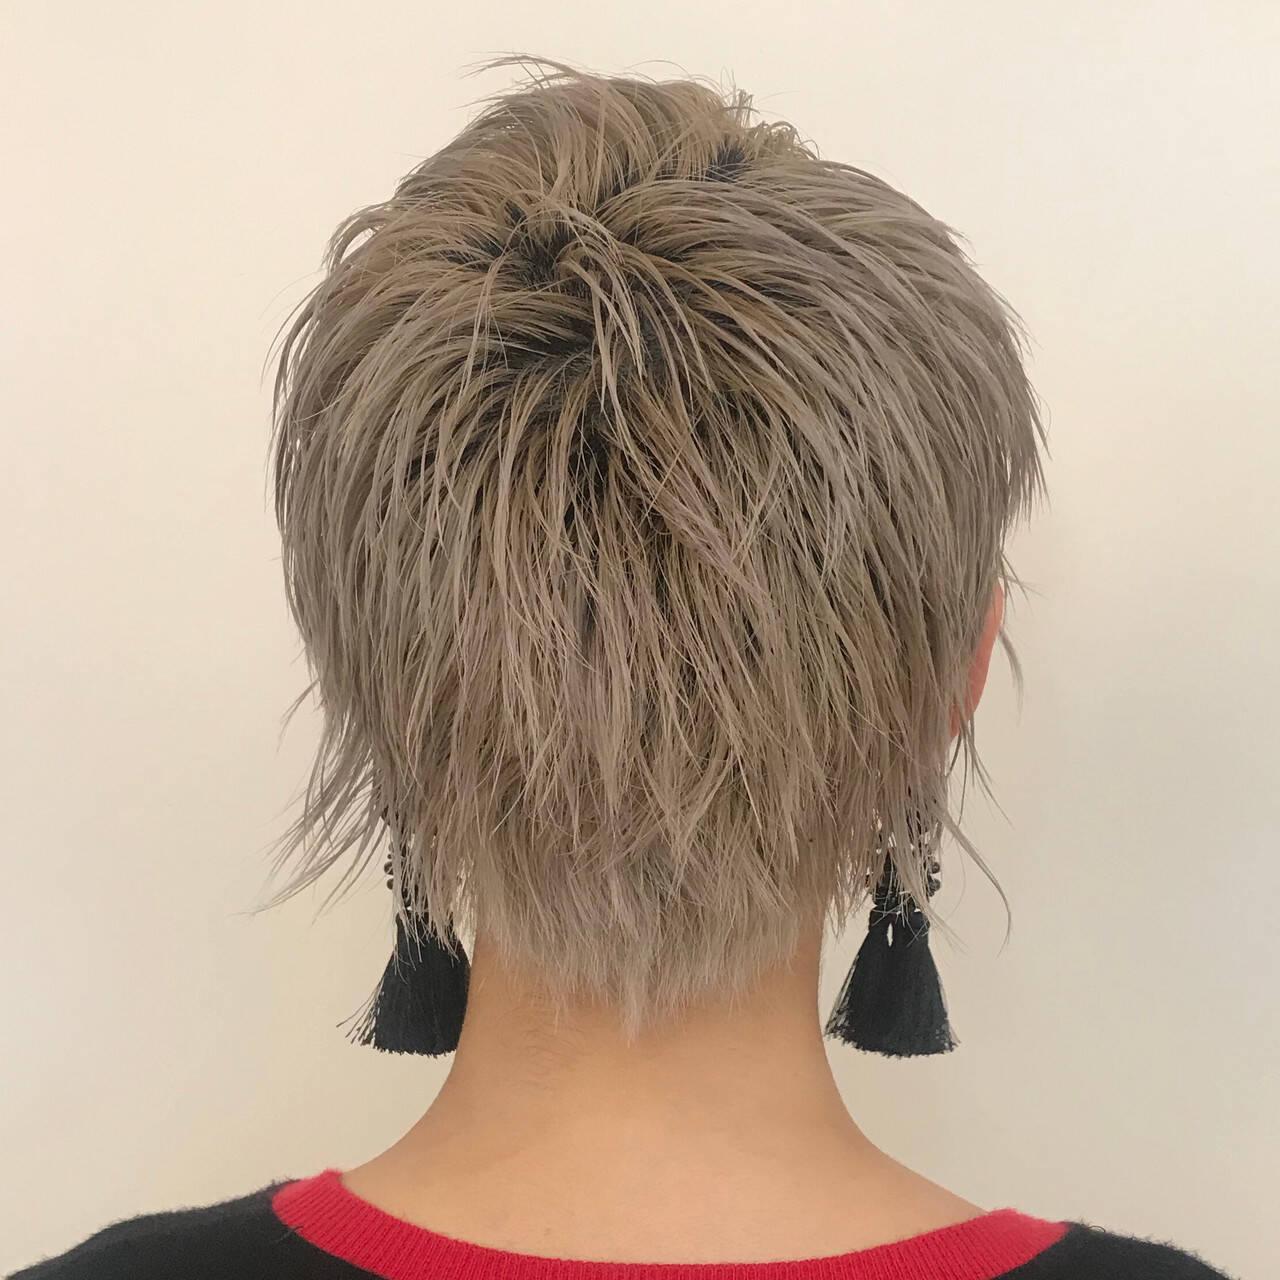 ベリーショート ショートヘア モード デザインカラーヘアスタイルや髪型の写真・画像